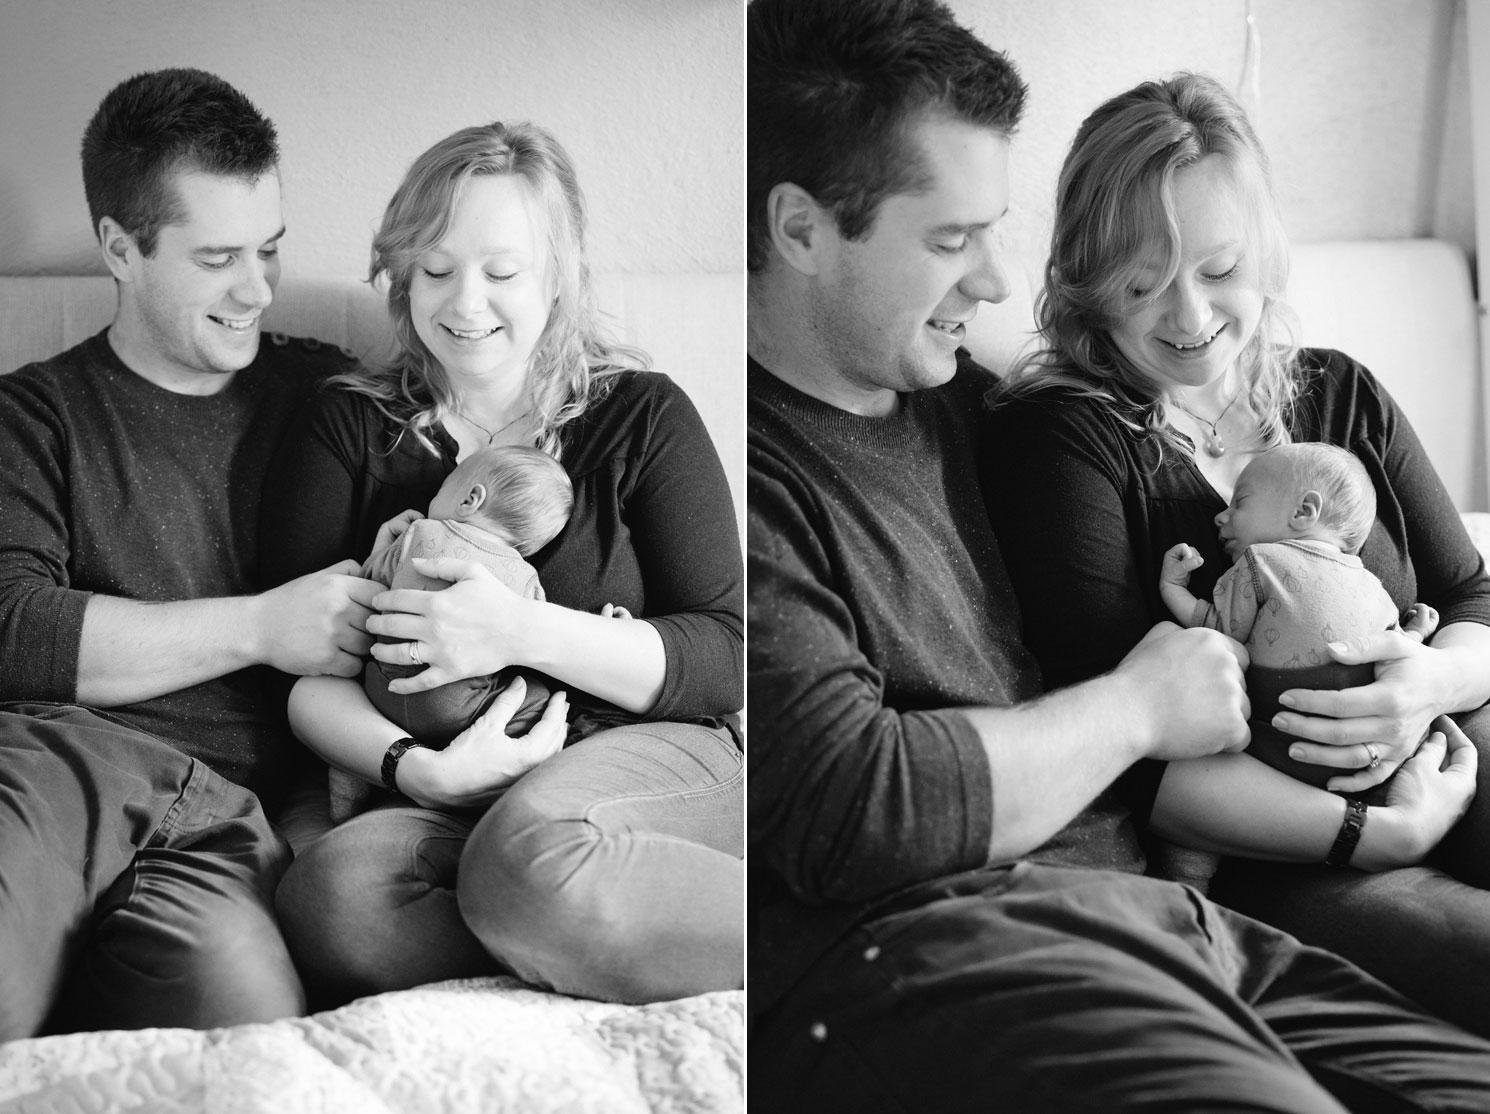 first-moments-beloved-moment-design-nyfoddfotografering-i-hemmiljo-nyfodd-maria-o-photo-babylycka